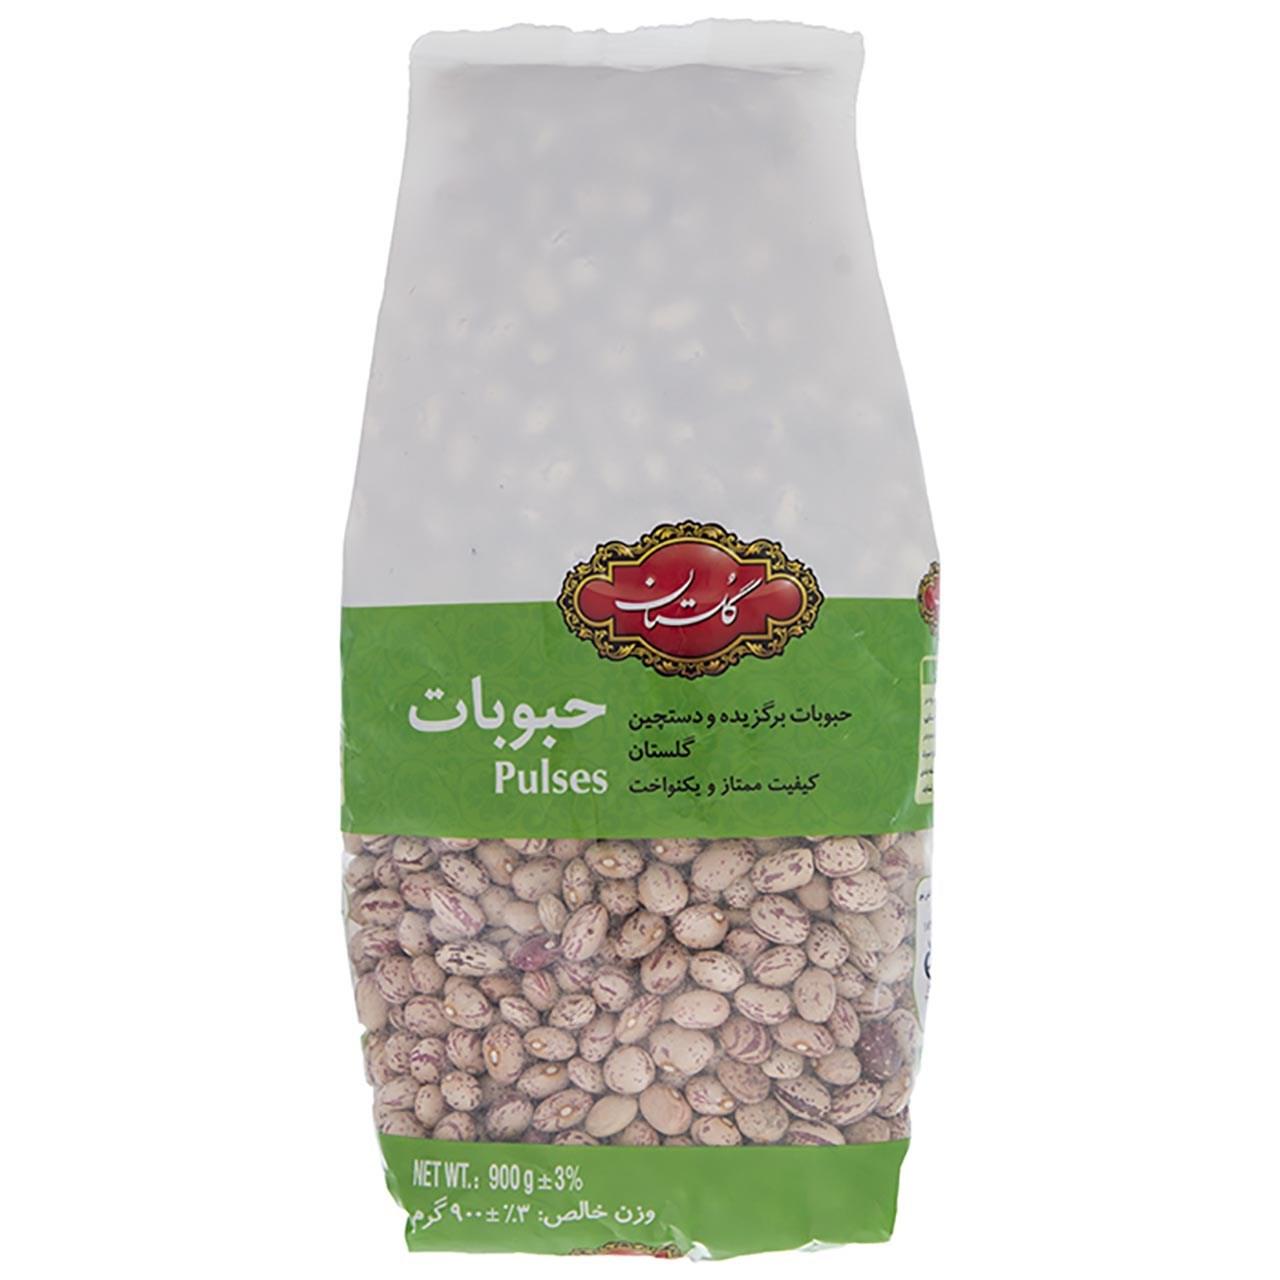 لوبیا چیتی گلستان مقدار 900 گرم